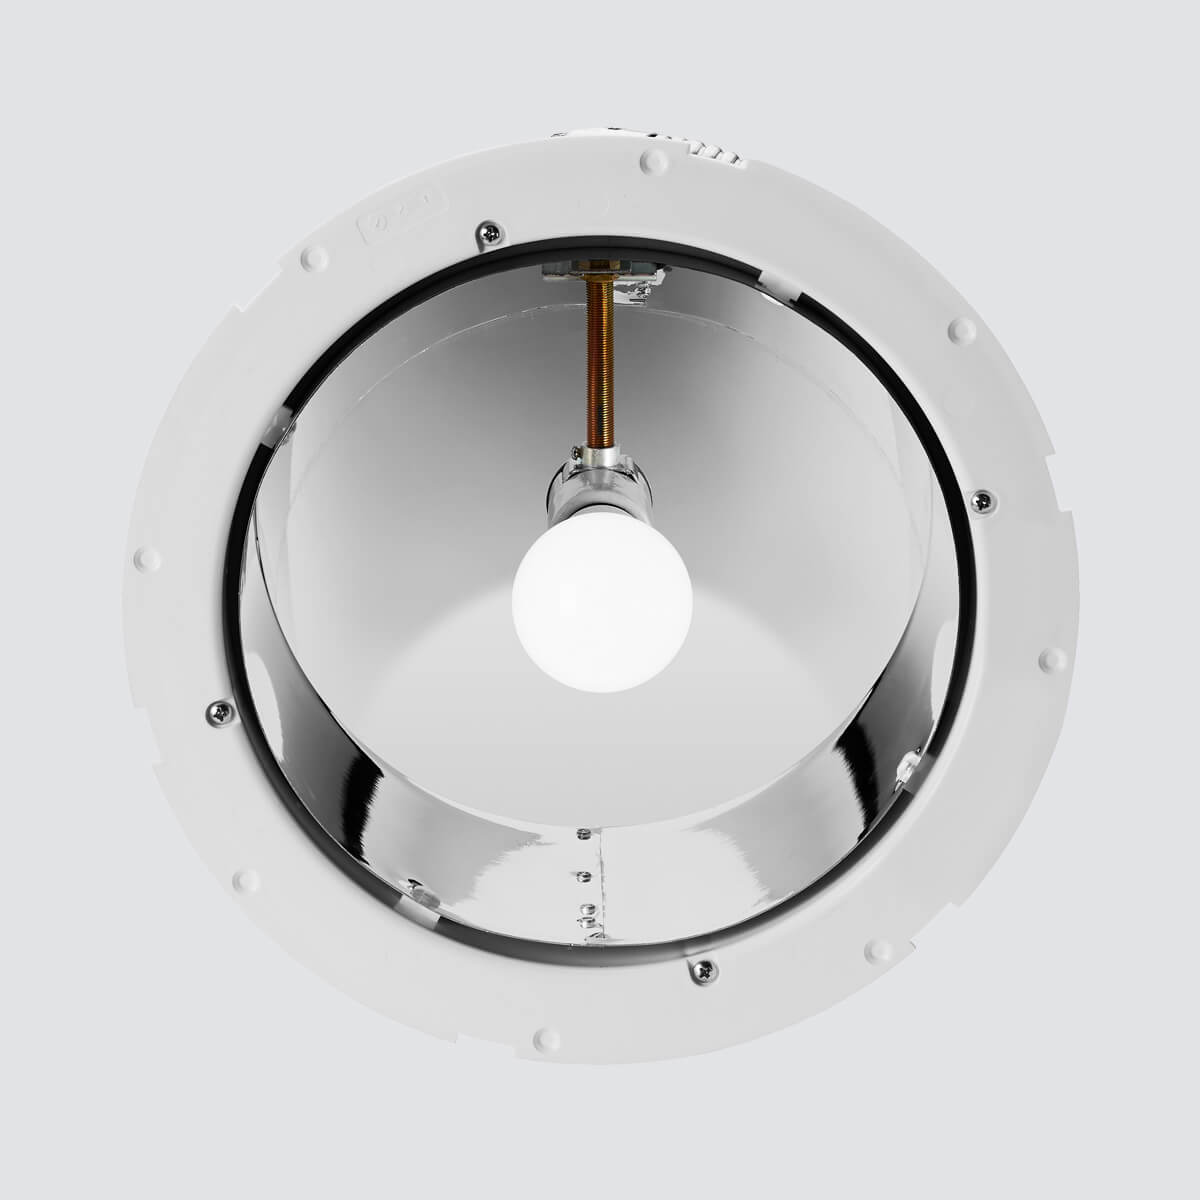 Brighten Up univerzální vnitřní elektrické LED osvětlení